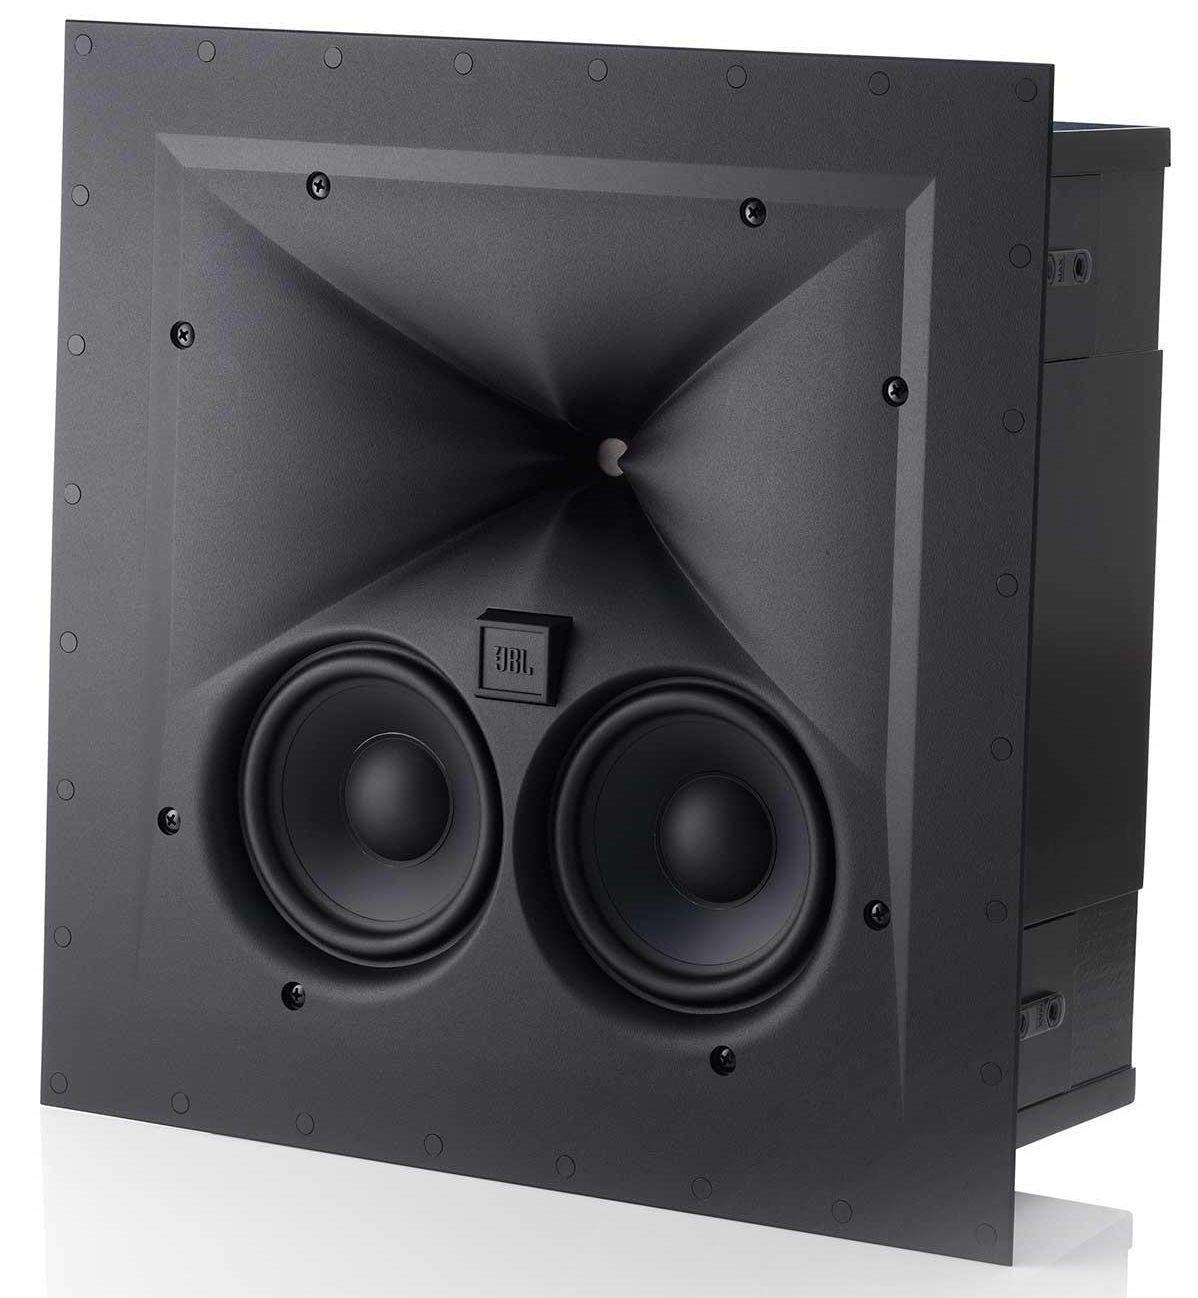 New Pair Jbl Synthesis Scl 3 In Wall In Ceiling 2 Way Loudspeakers Speakers Audio Design Loudspeaker In Wall Speakers